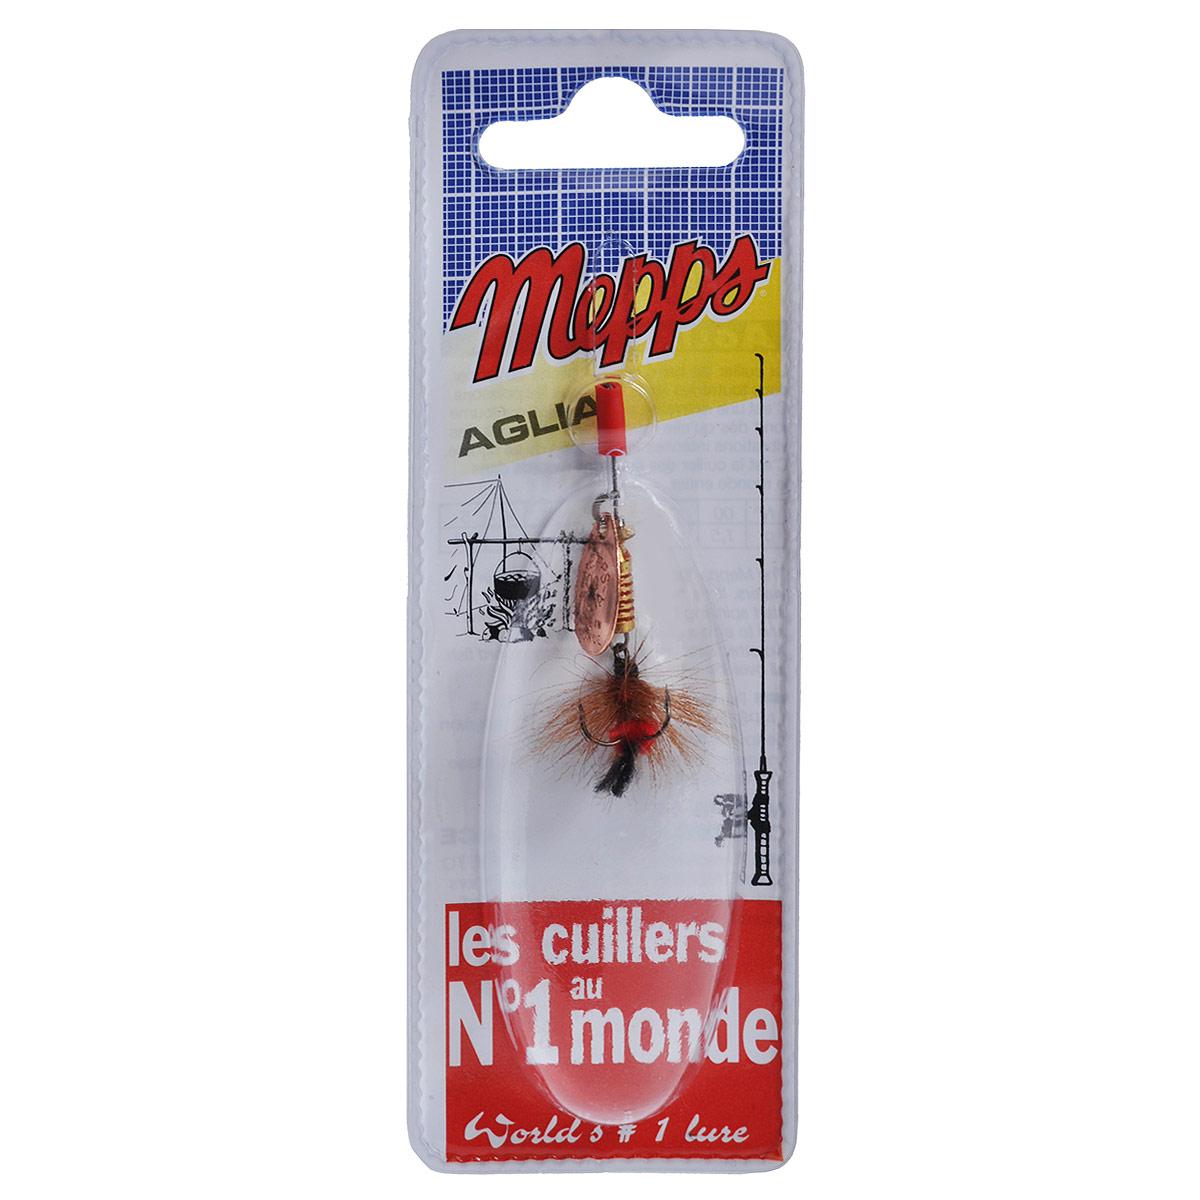 Блесна Mepps Aglia CU Mouch. Rouge, вращающаяся, №005747Вращающаяся блесна Mepps Aglia CU Mouch. Rouge оснащена мушкой из натурального беличьего хвоста, это очень эффективные приманки для ловли жереха, голавля, язя, окуня и других видов рыб, особенно в периоды массового вылета насекомых.Aglia Mouche - некрупная блесна, которая особенно подходит для летней ловли рыбы (особенно осторожной) на мелководье.